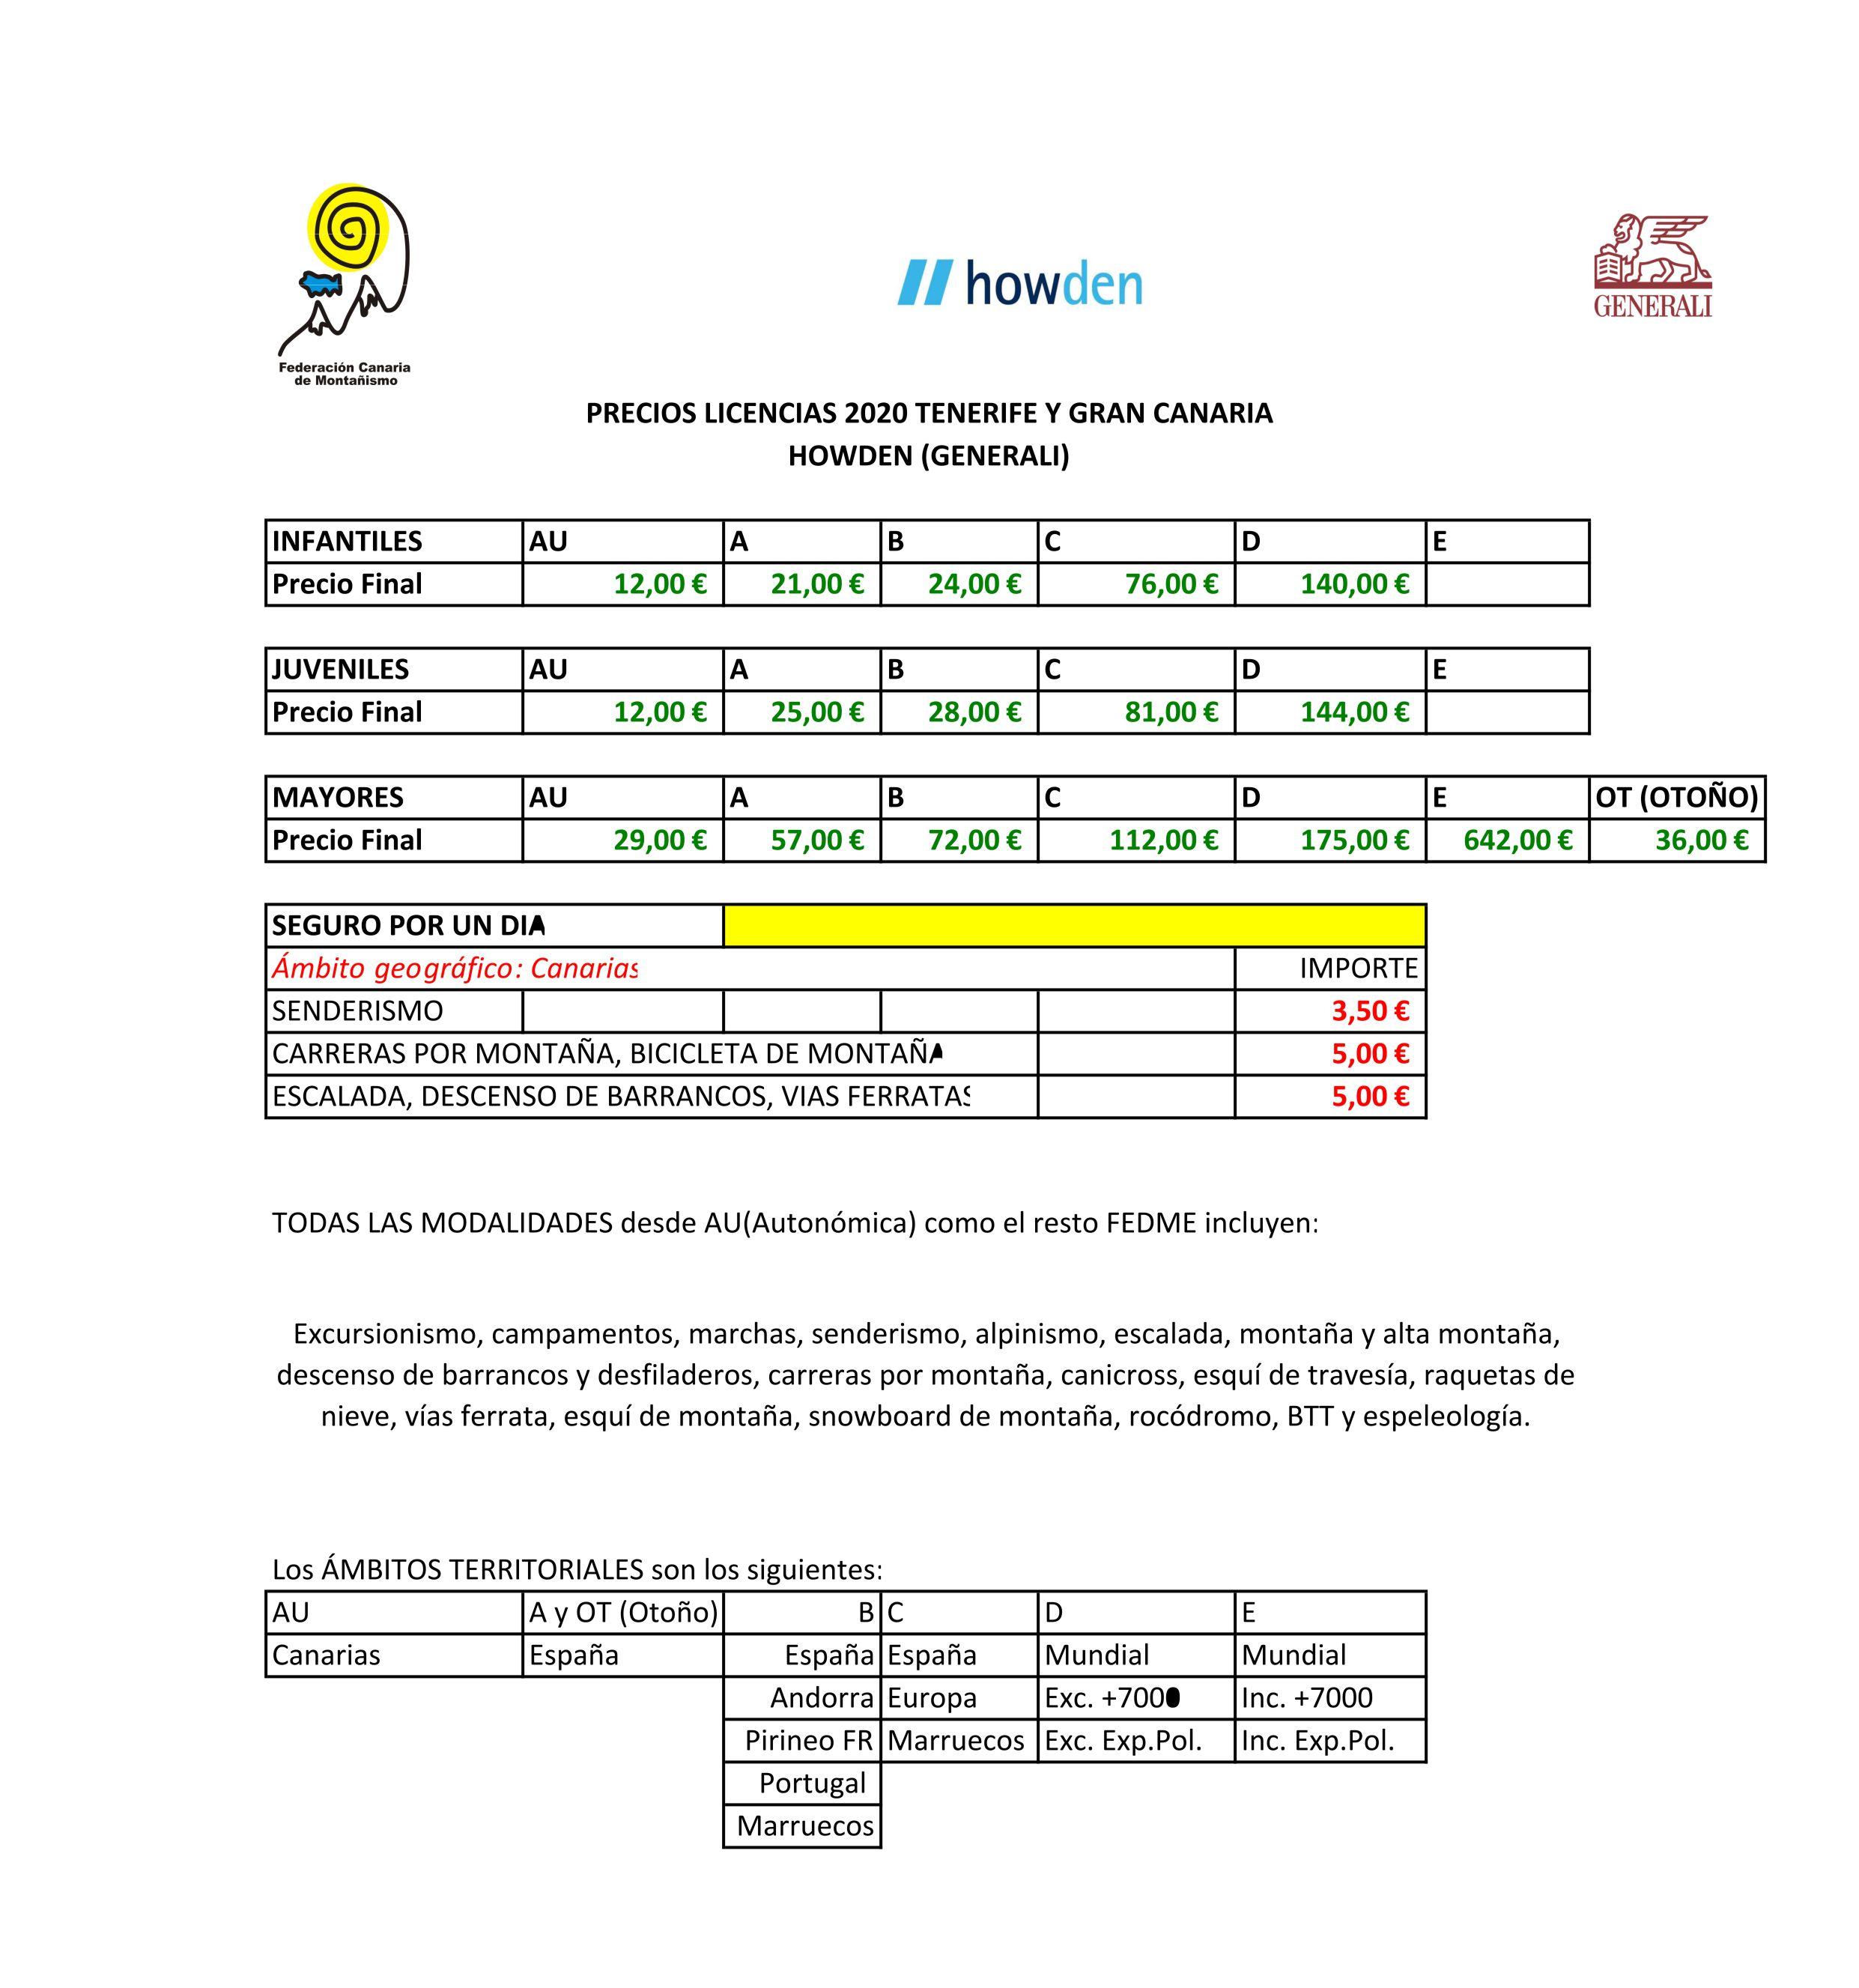 Precios Licencias 2019 Tenerife y Gran Canaria